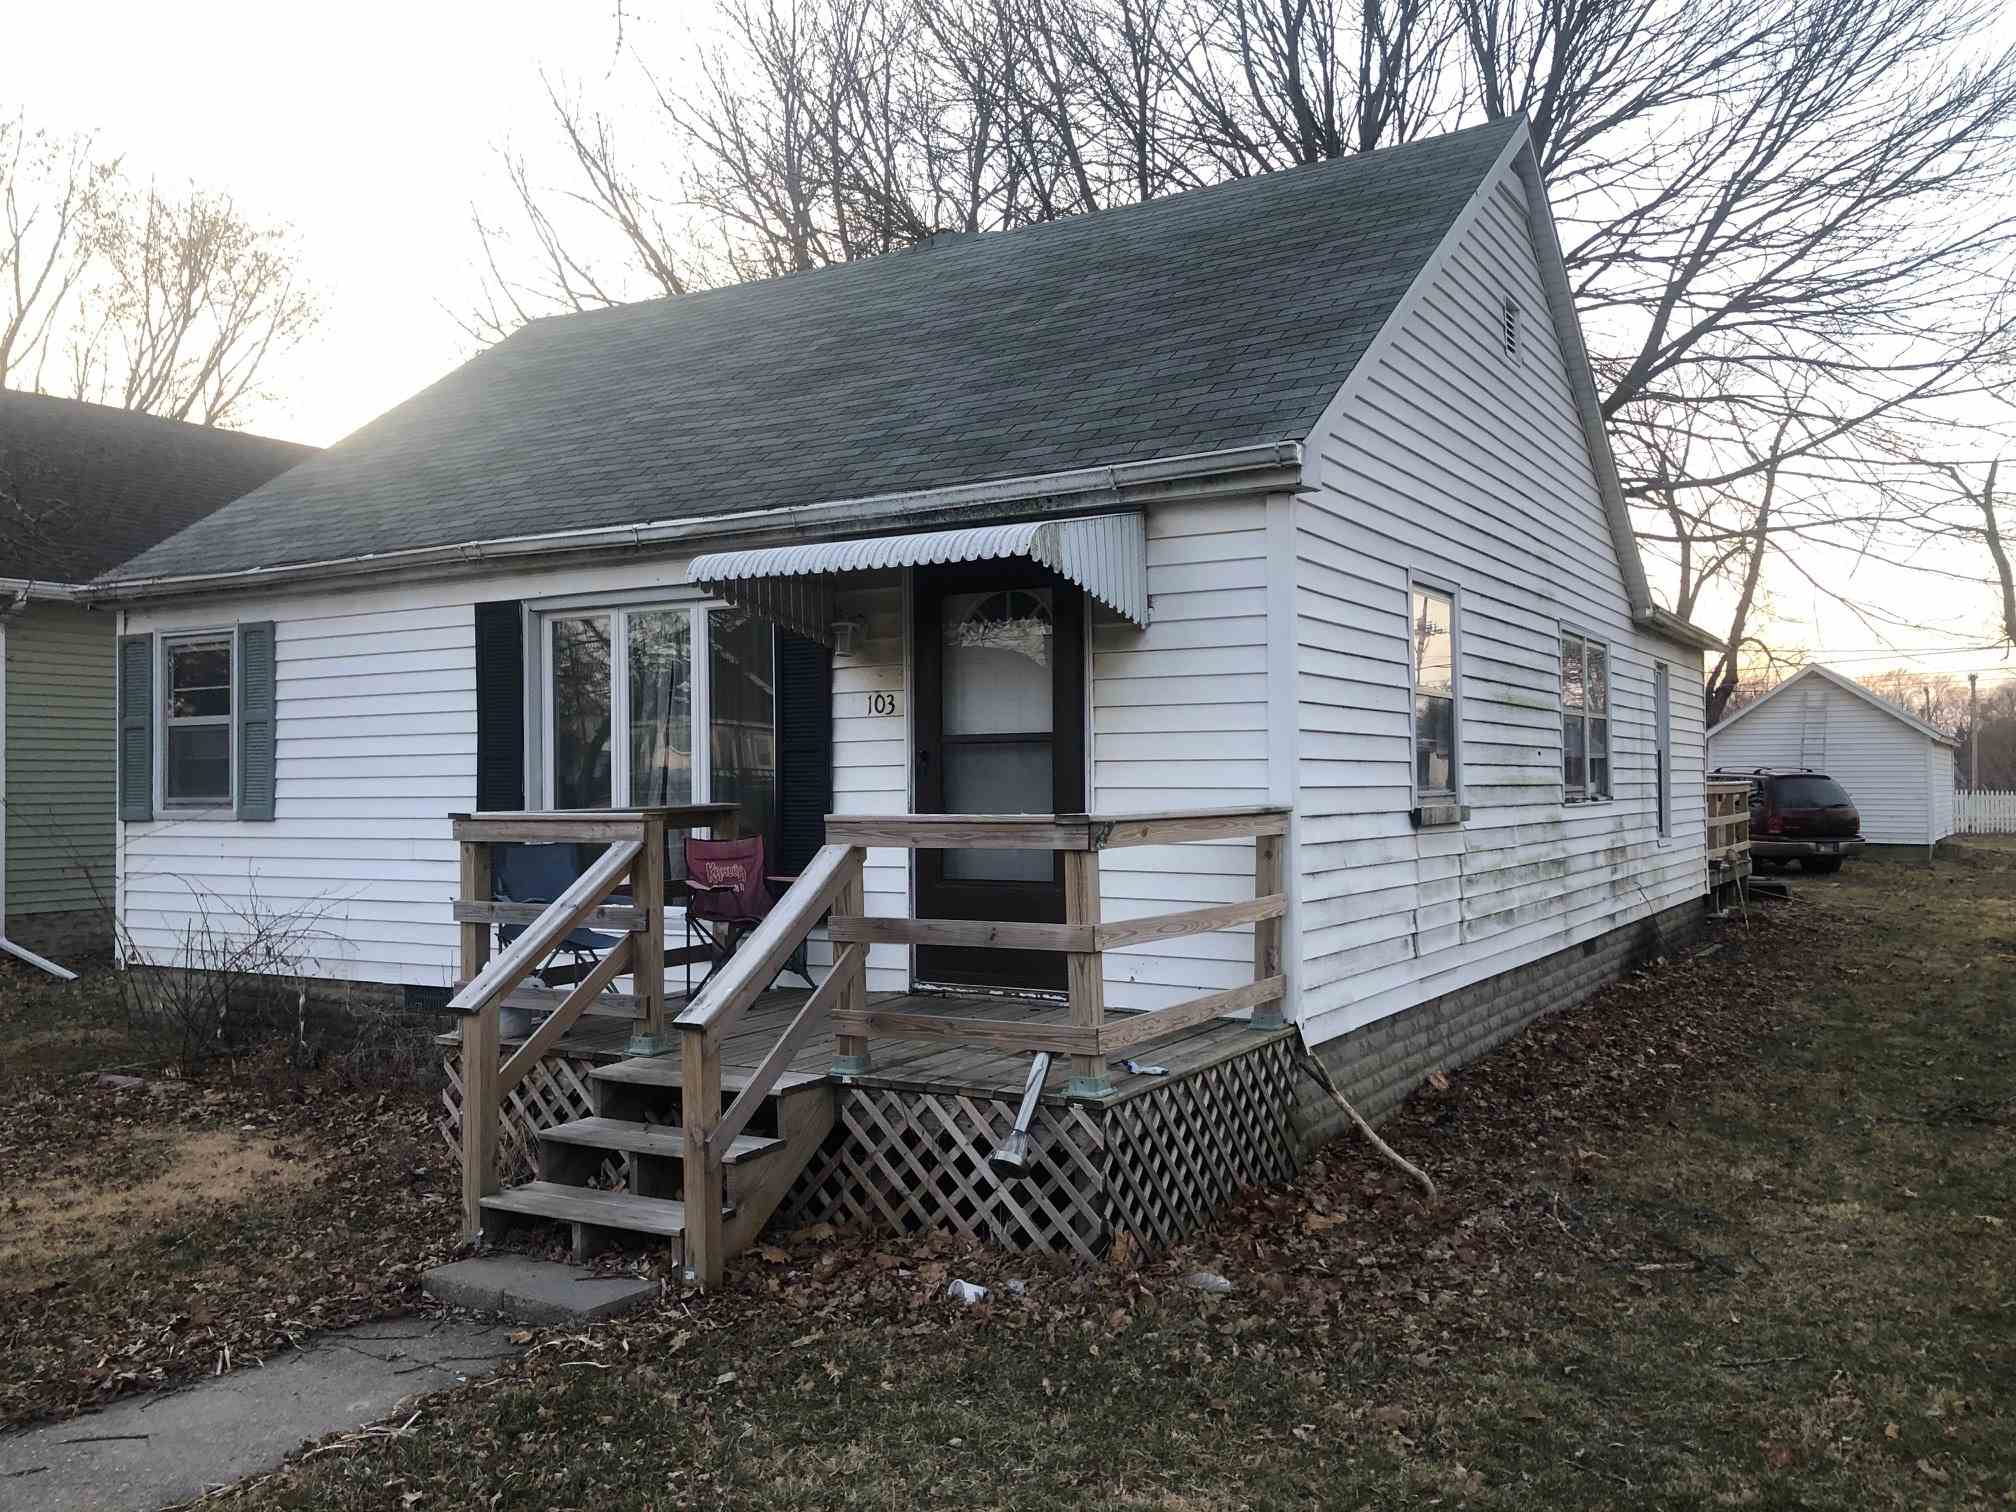 103 S Bogardus Property Photo - Elkhart, IL real estate listing